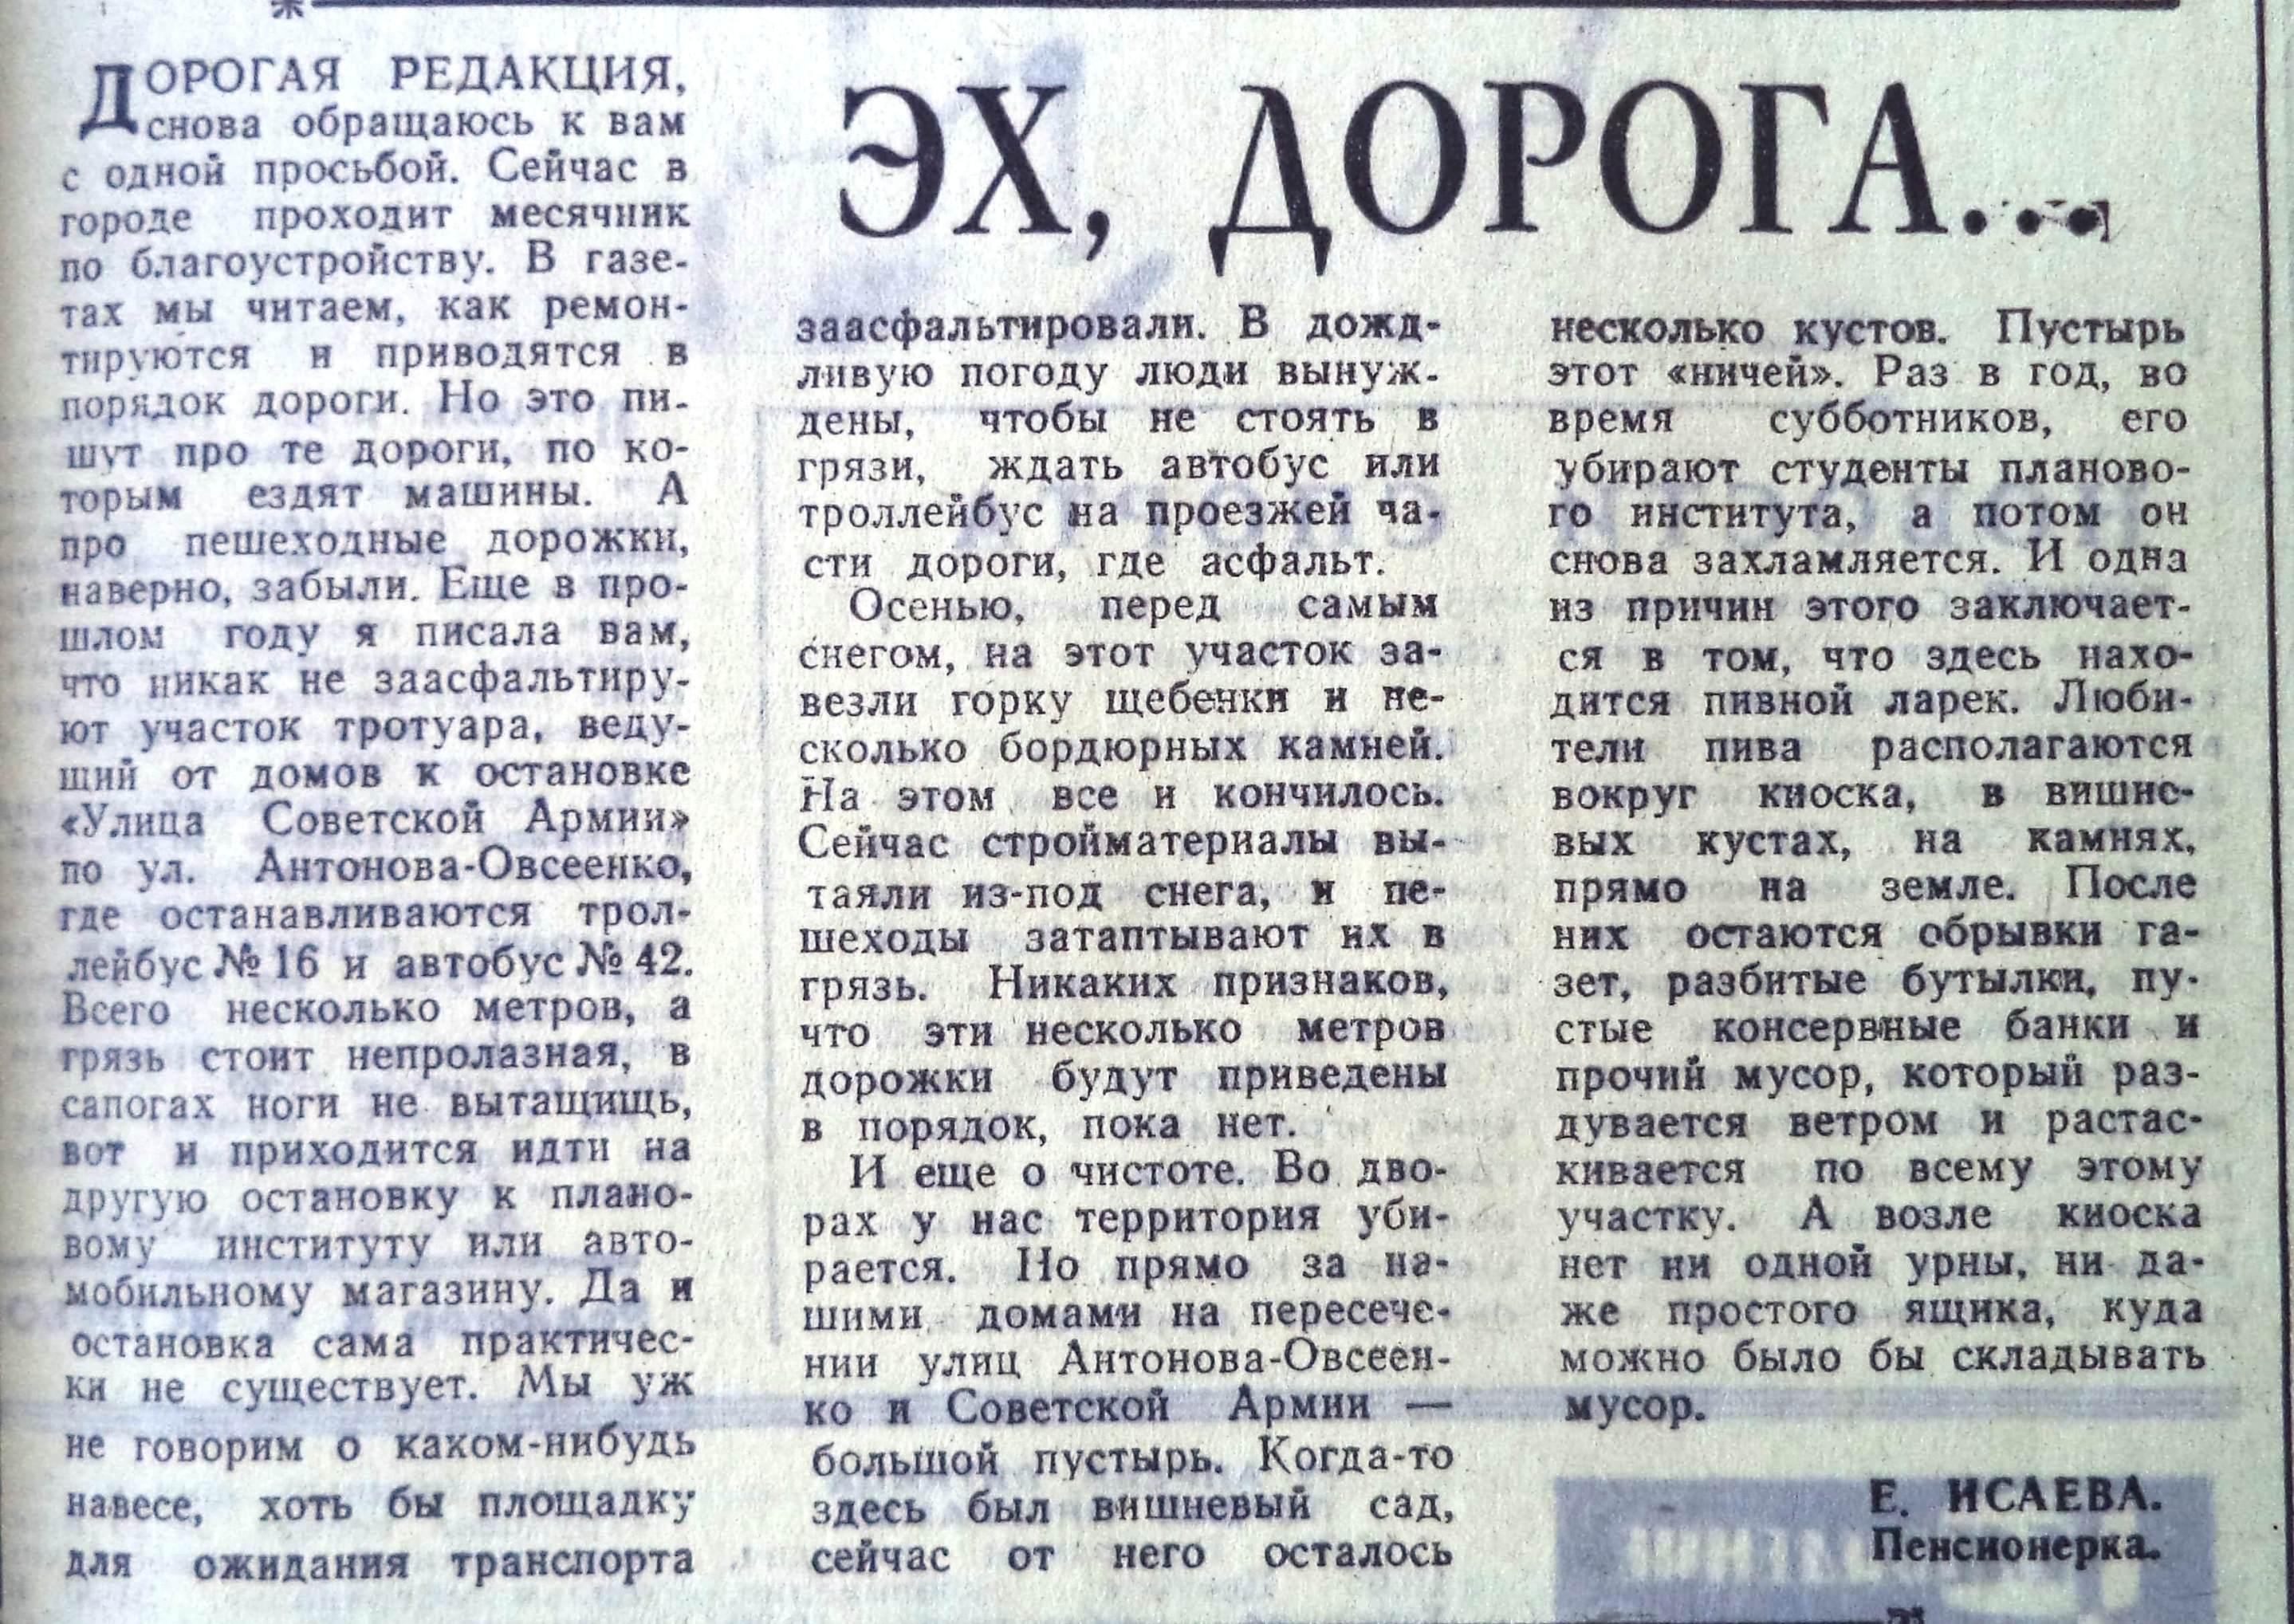 СА-ФОТО-060-ВЗя-1974-04-18-неблаг-во в р-не АО-СА-min